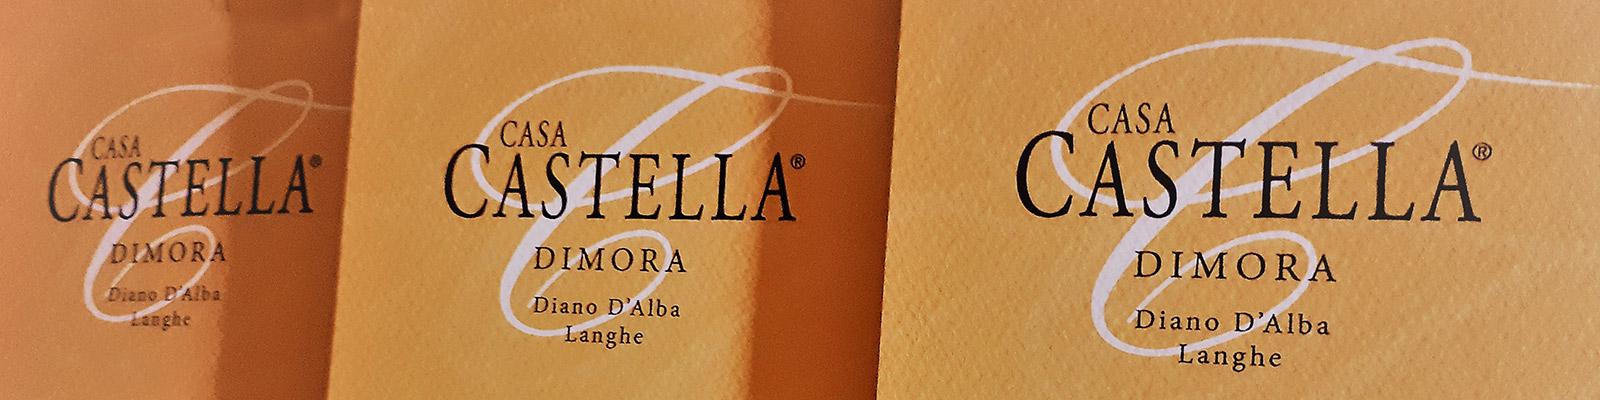 Casa Castella Dimora - Prenota una camera